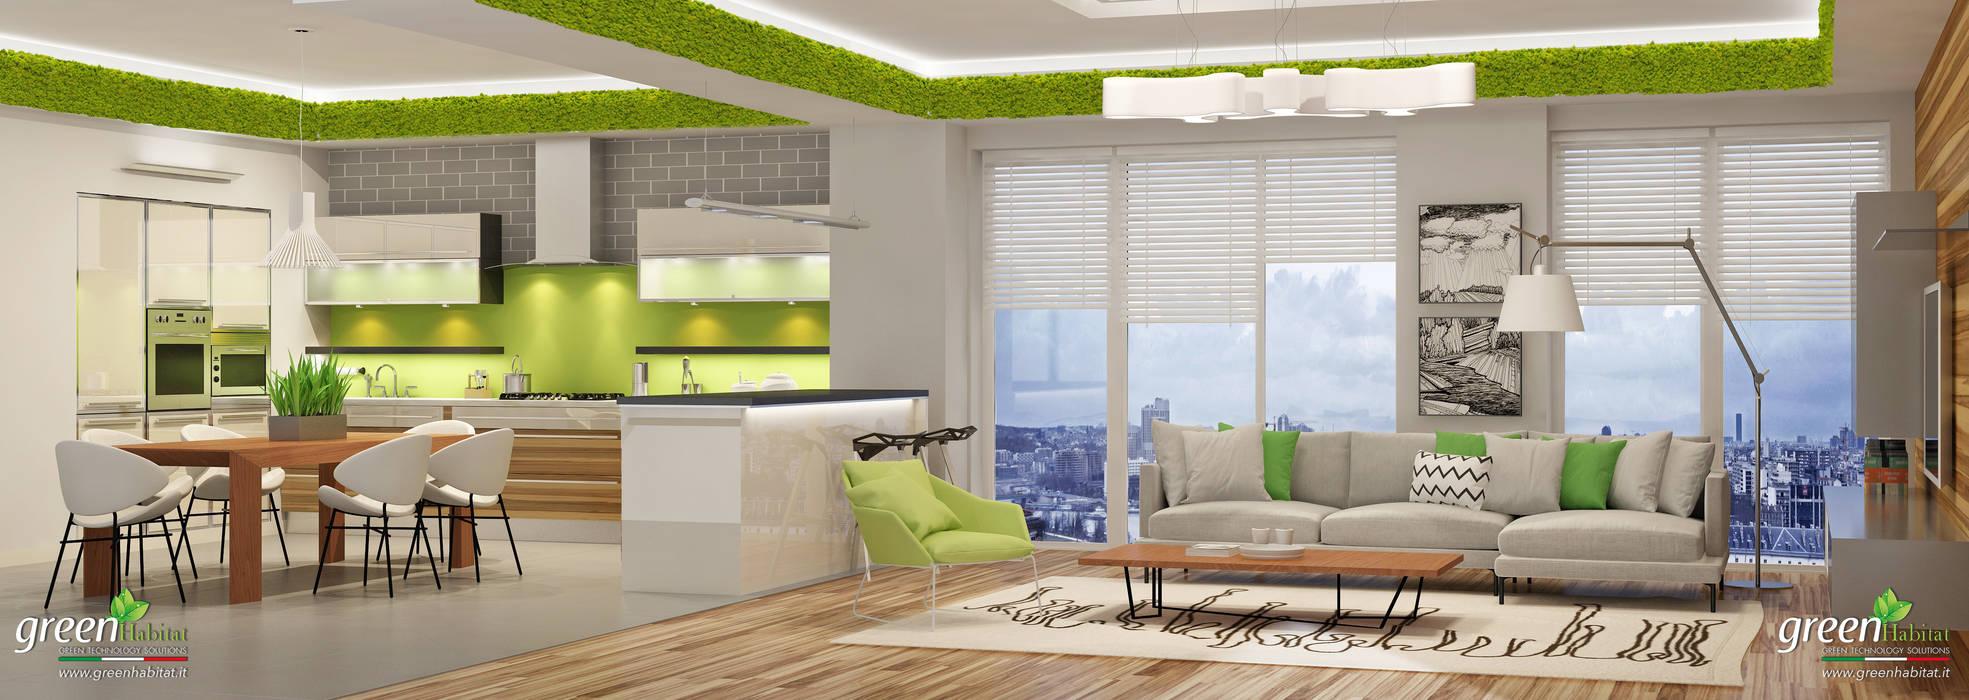 Casa moderna cucina salotto open space soggiorno in stile di green habitat s r l homify - Open space cucina salotto ...